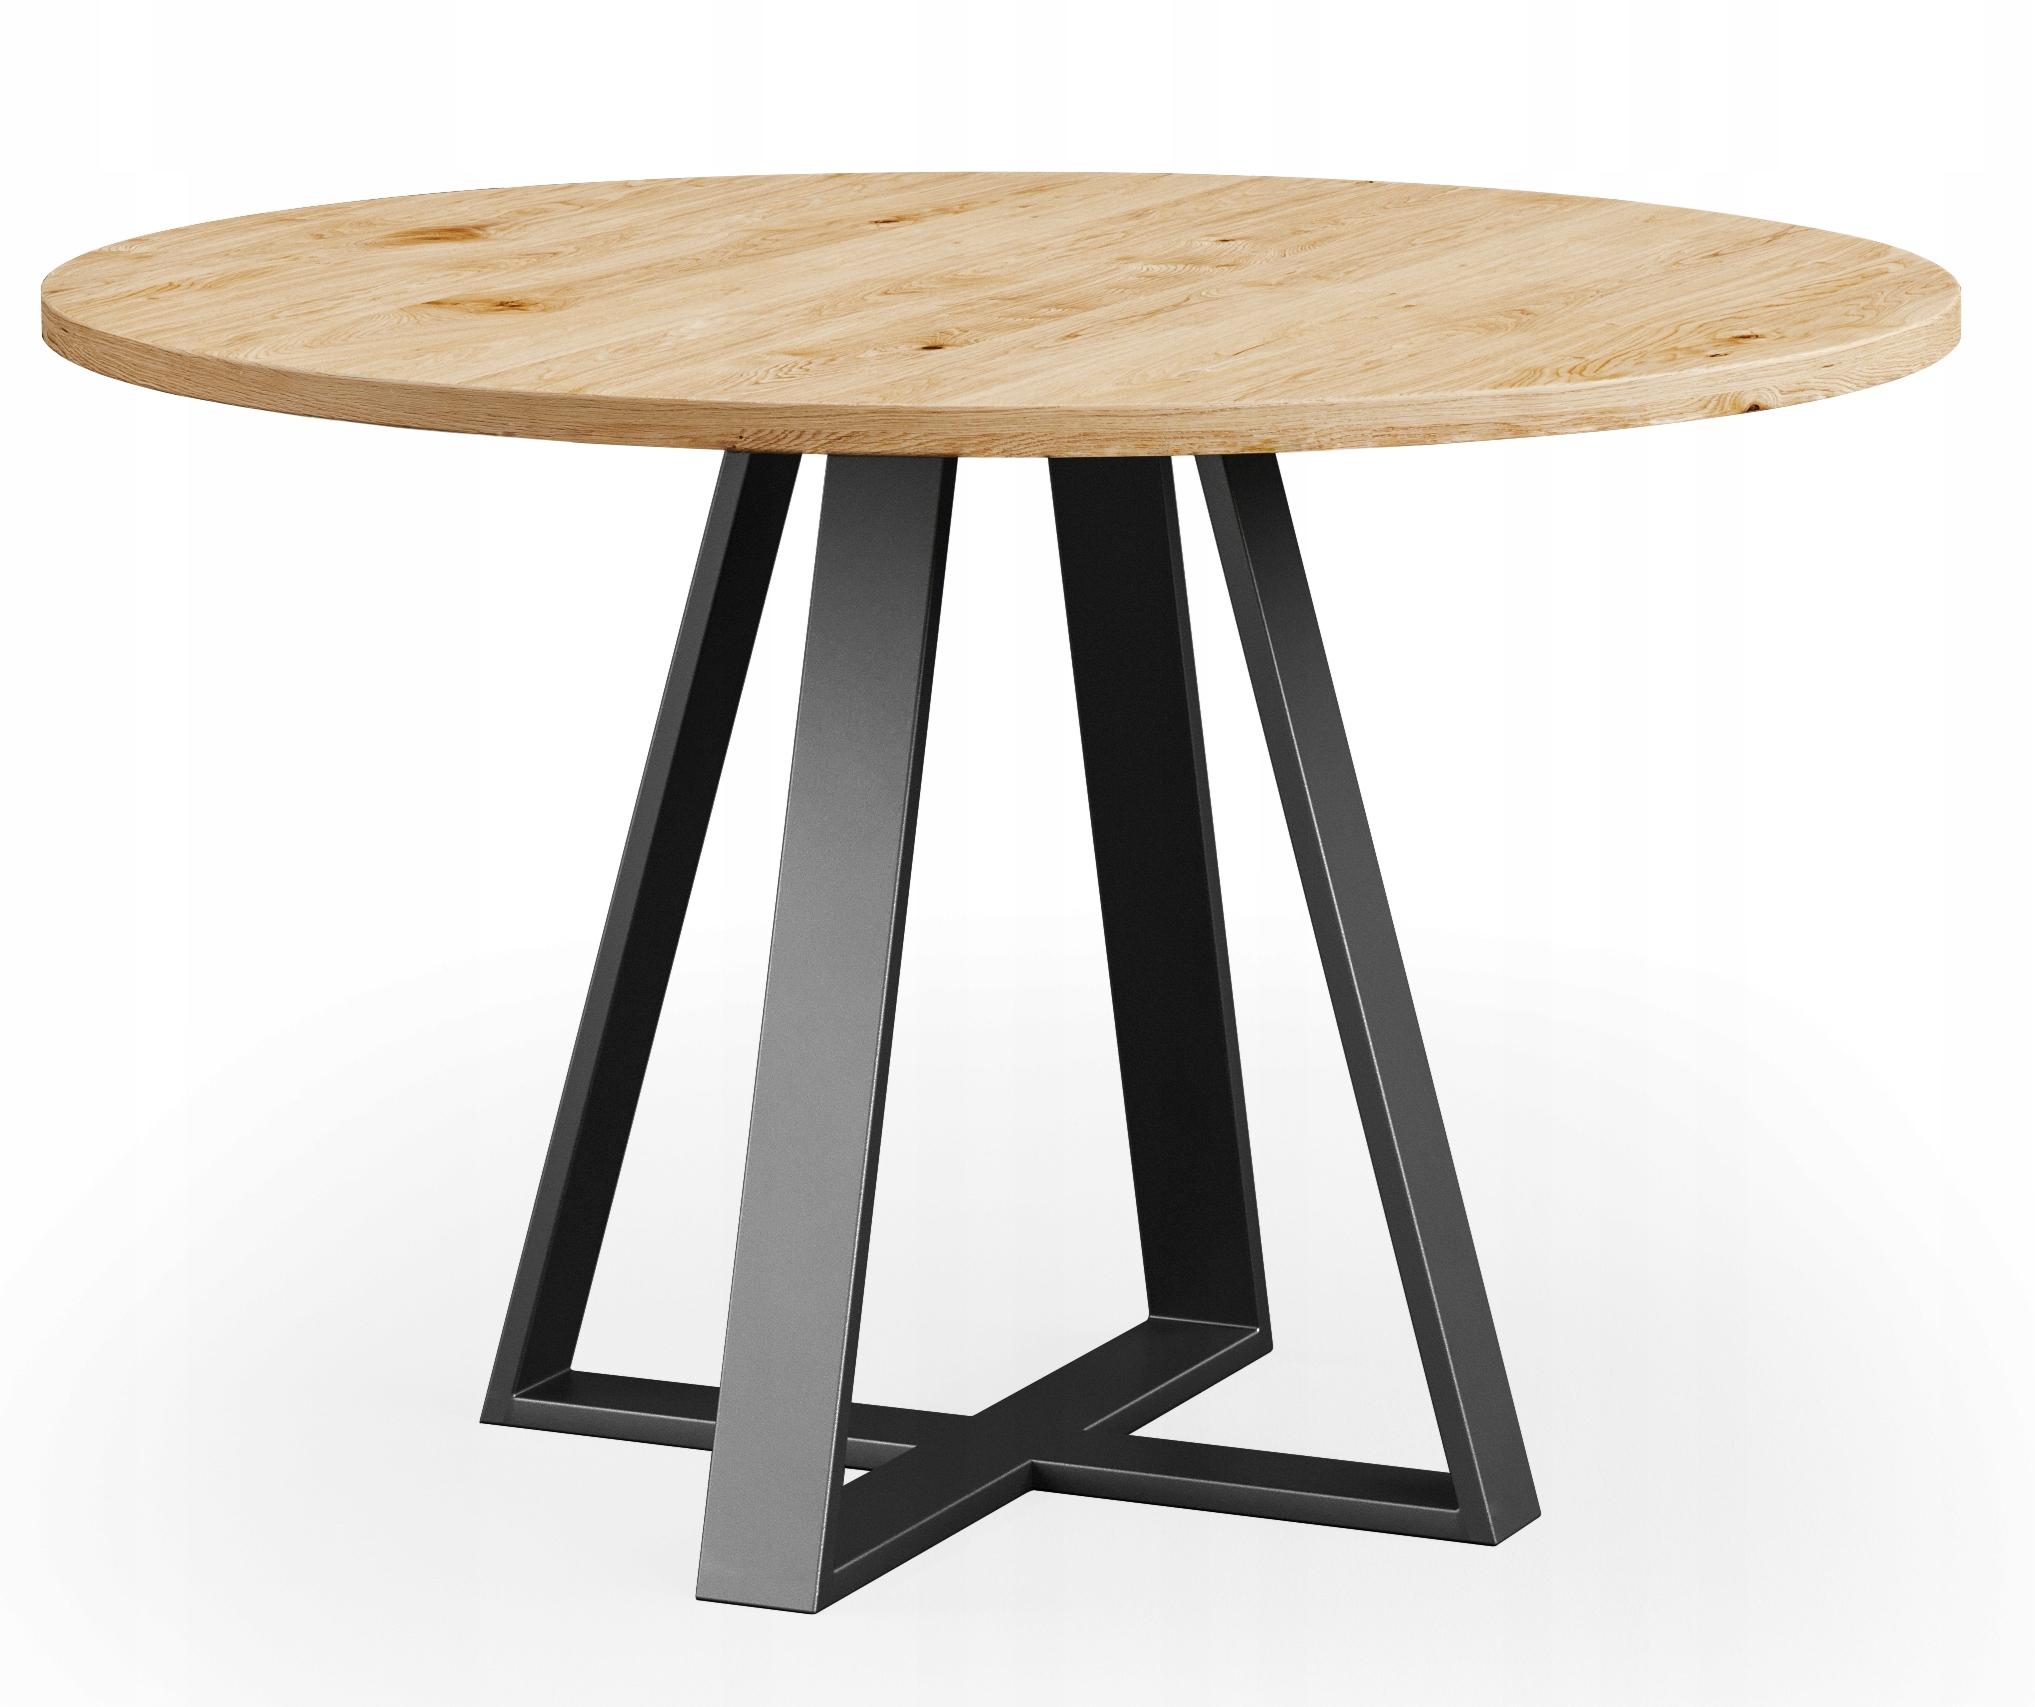 Okrúhly dubový drevený stôl CLOUD 110 cm RETRO